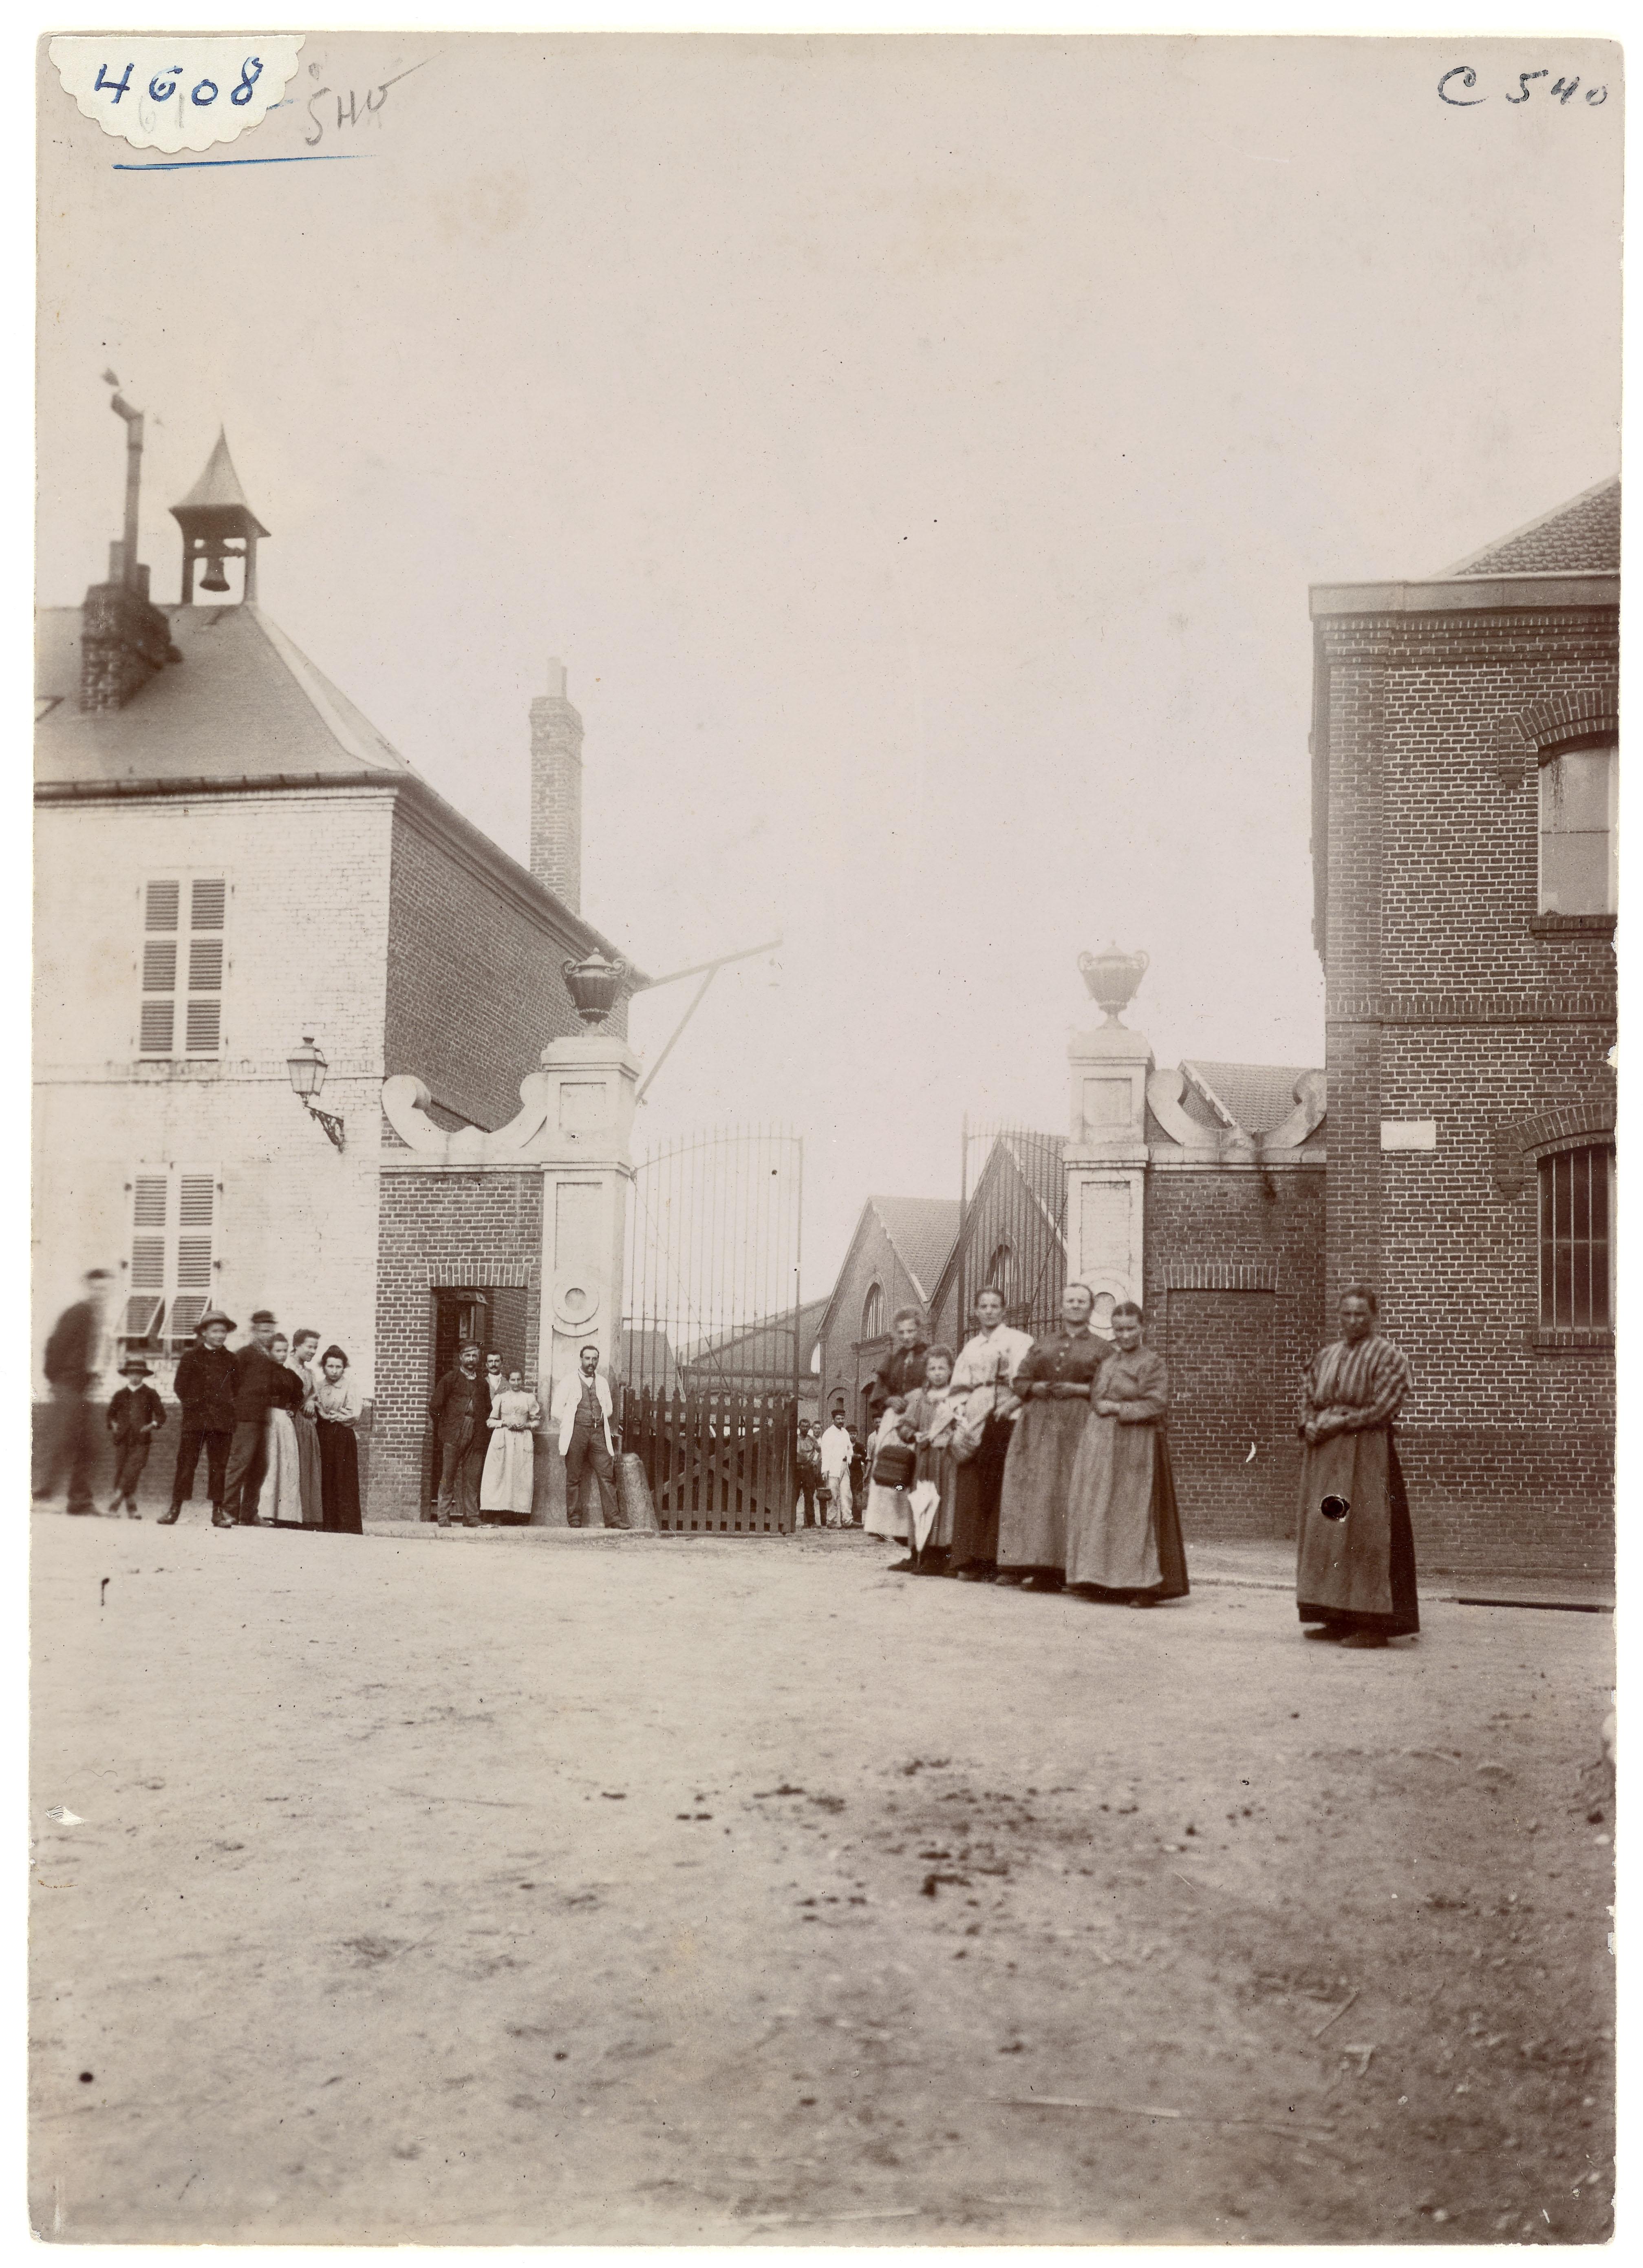 La photographie montre des personnes devant le portail d'entrée de l'usine du Fa